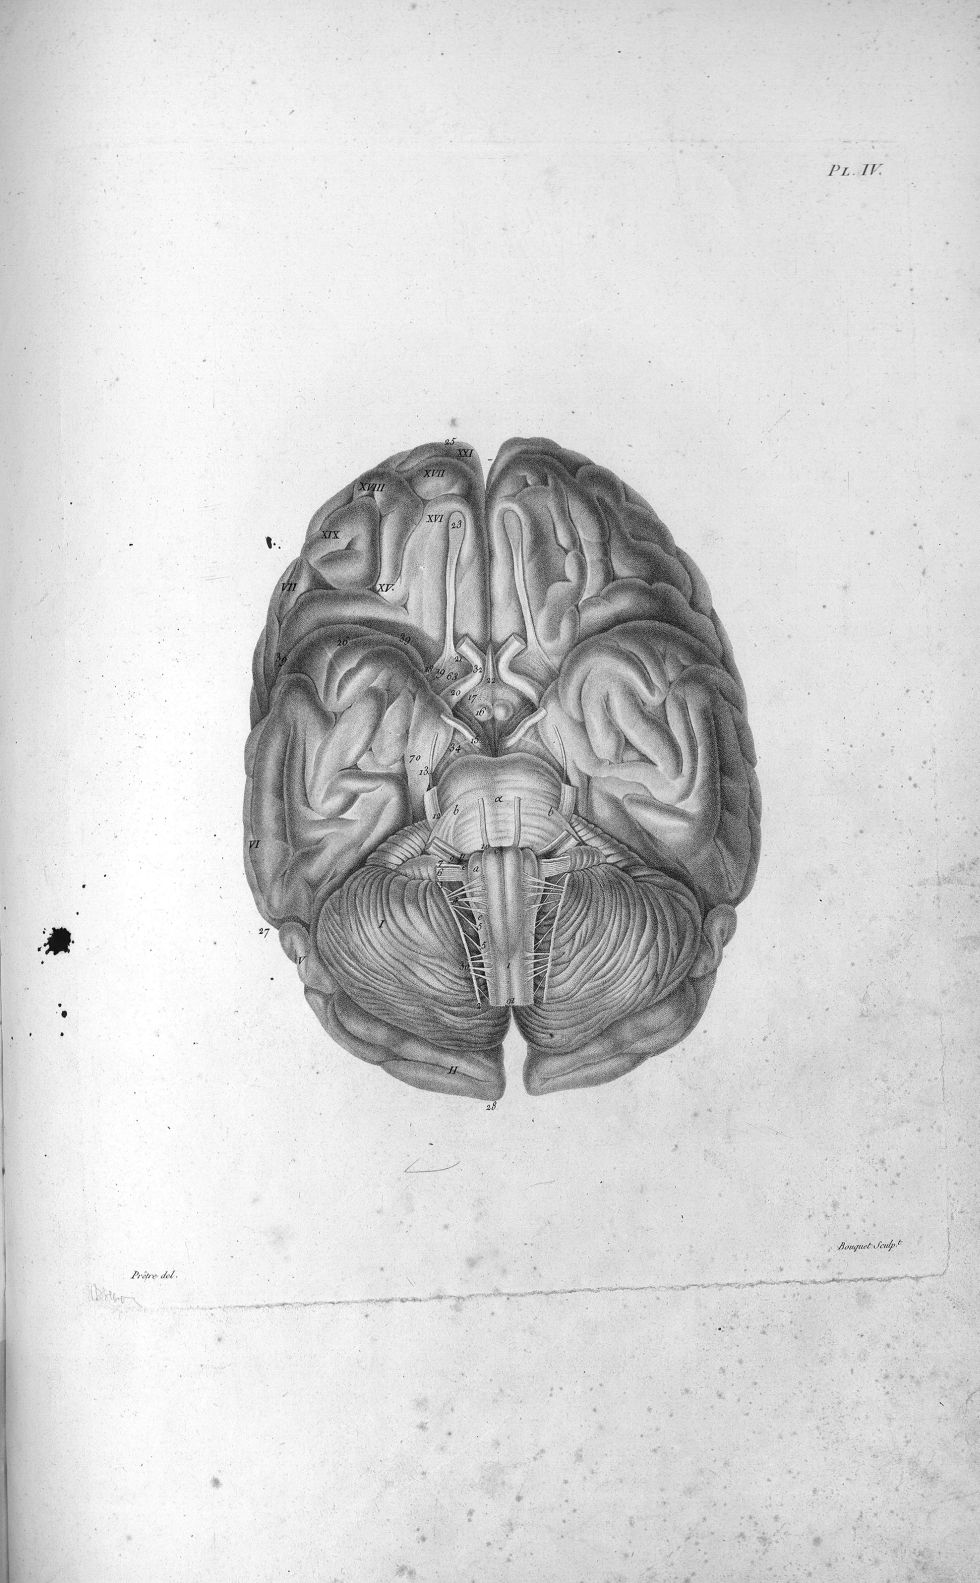 Pl. IV. Base d'un cerveau de femme - Anatomie et physiologie du système nerveux en général et du cer [...] - Anatomie. Neurologie. Cerveaux (têtes). 19e siècle (France) - med00575x01x0311